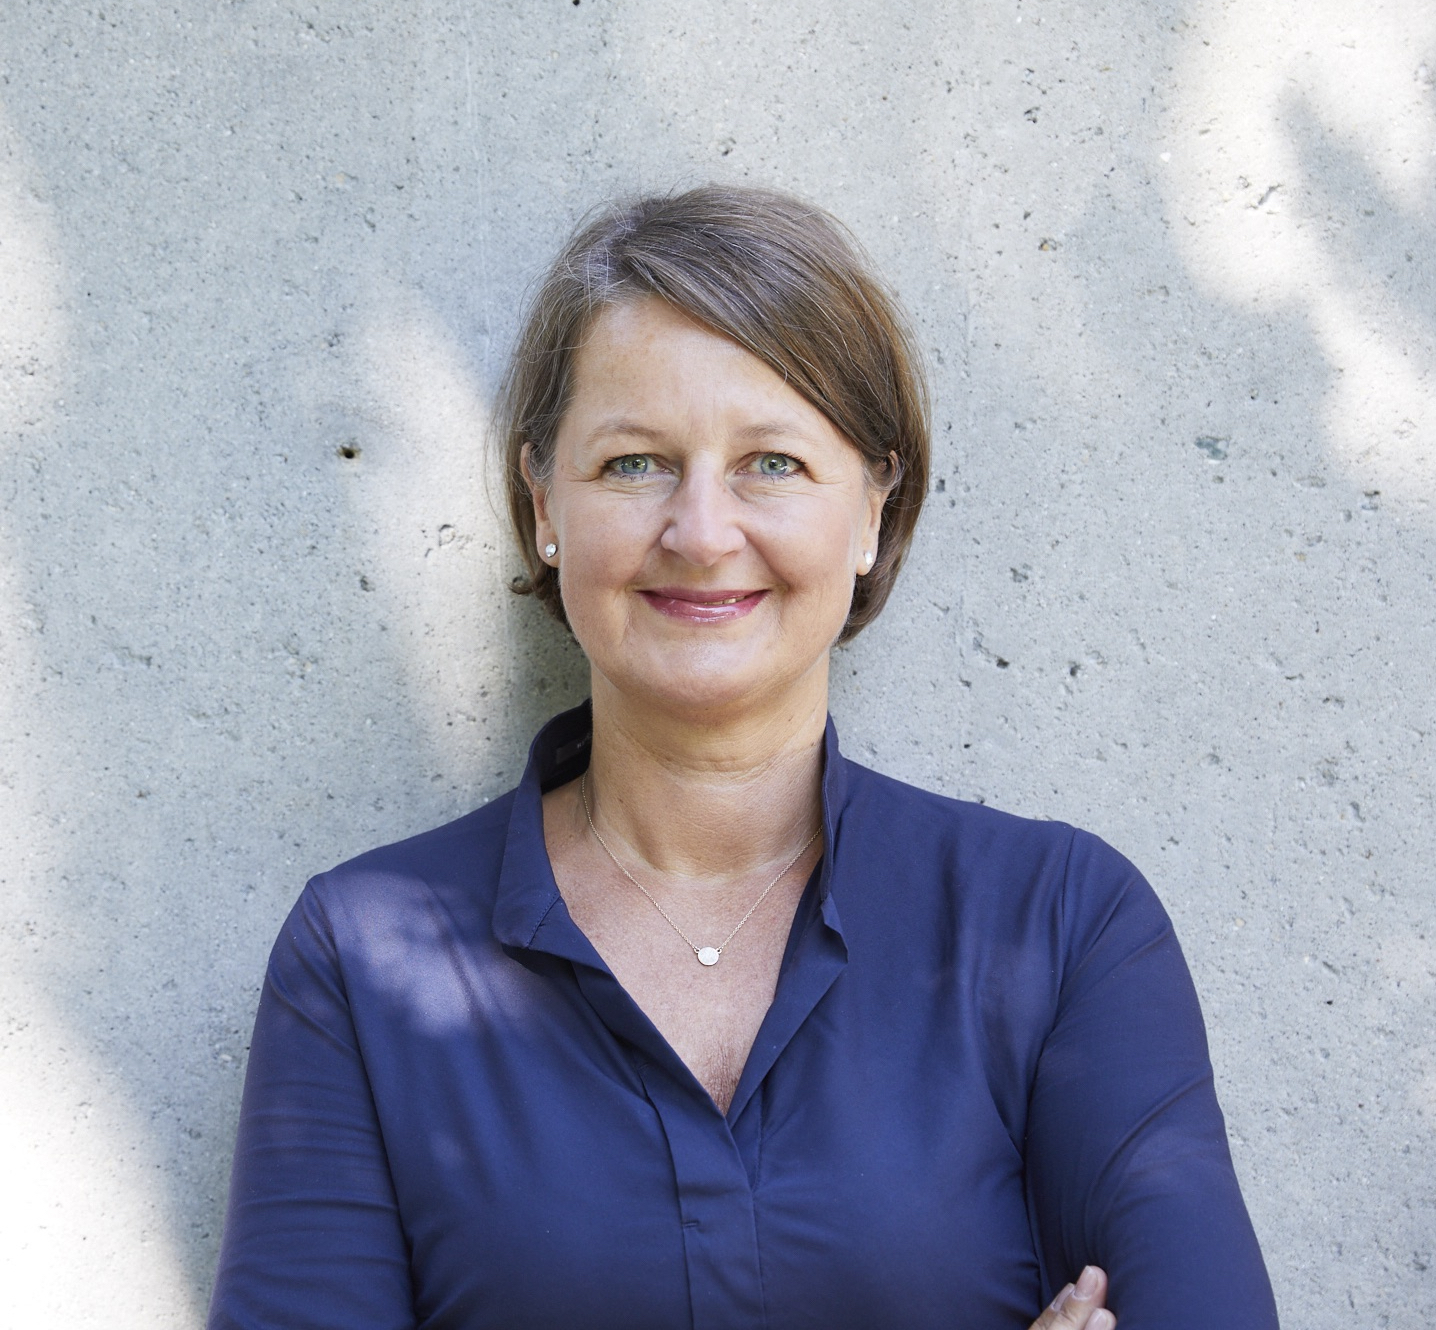 Susanne_Hollmann